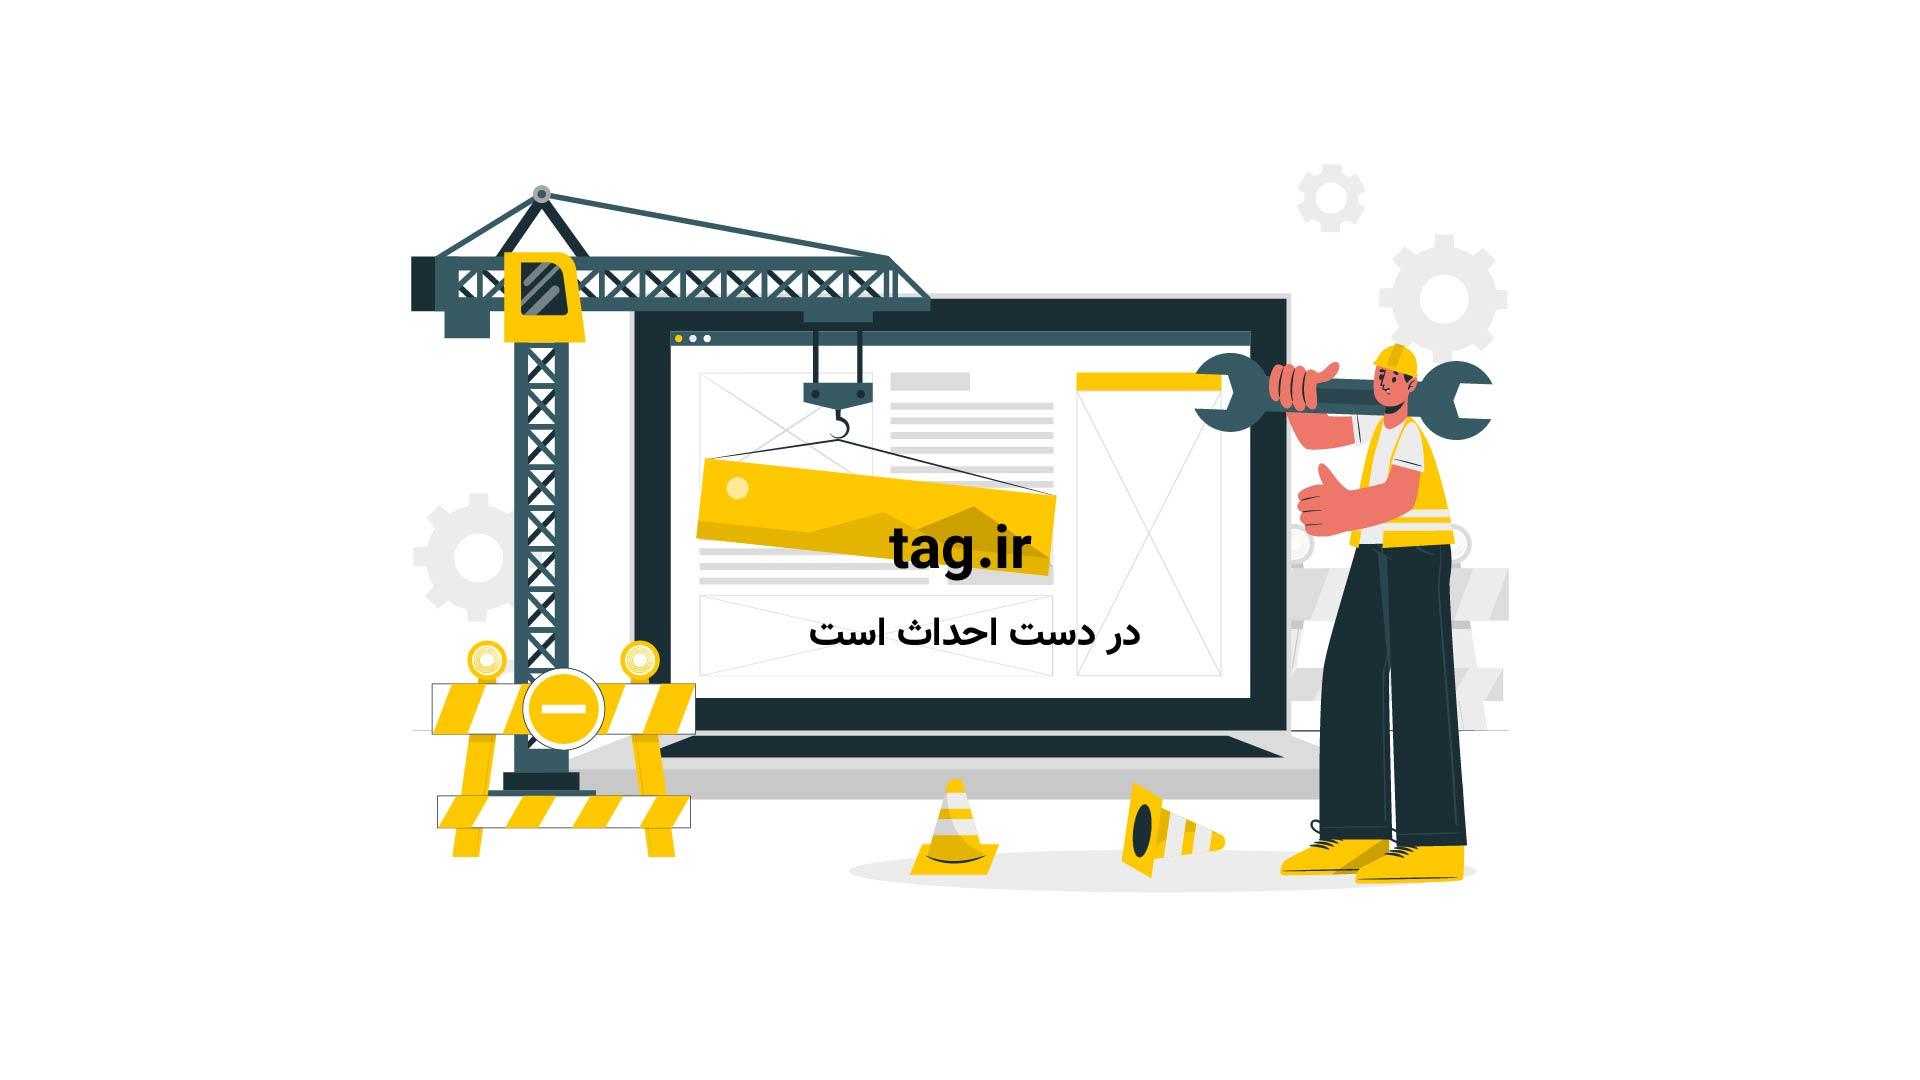 عطاالله-بهمنش   تگ